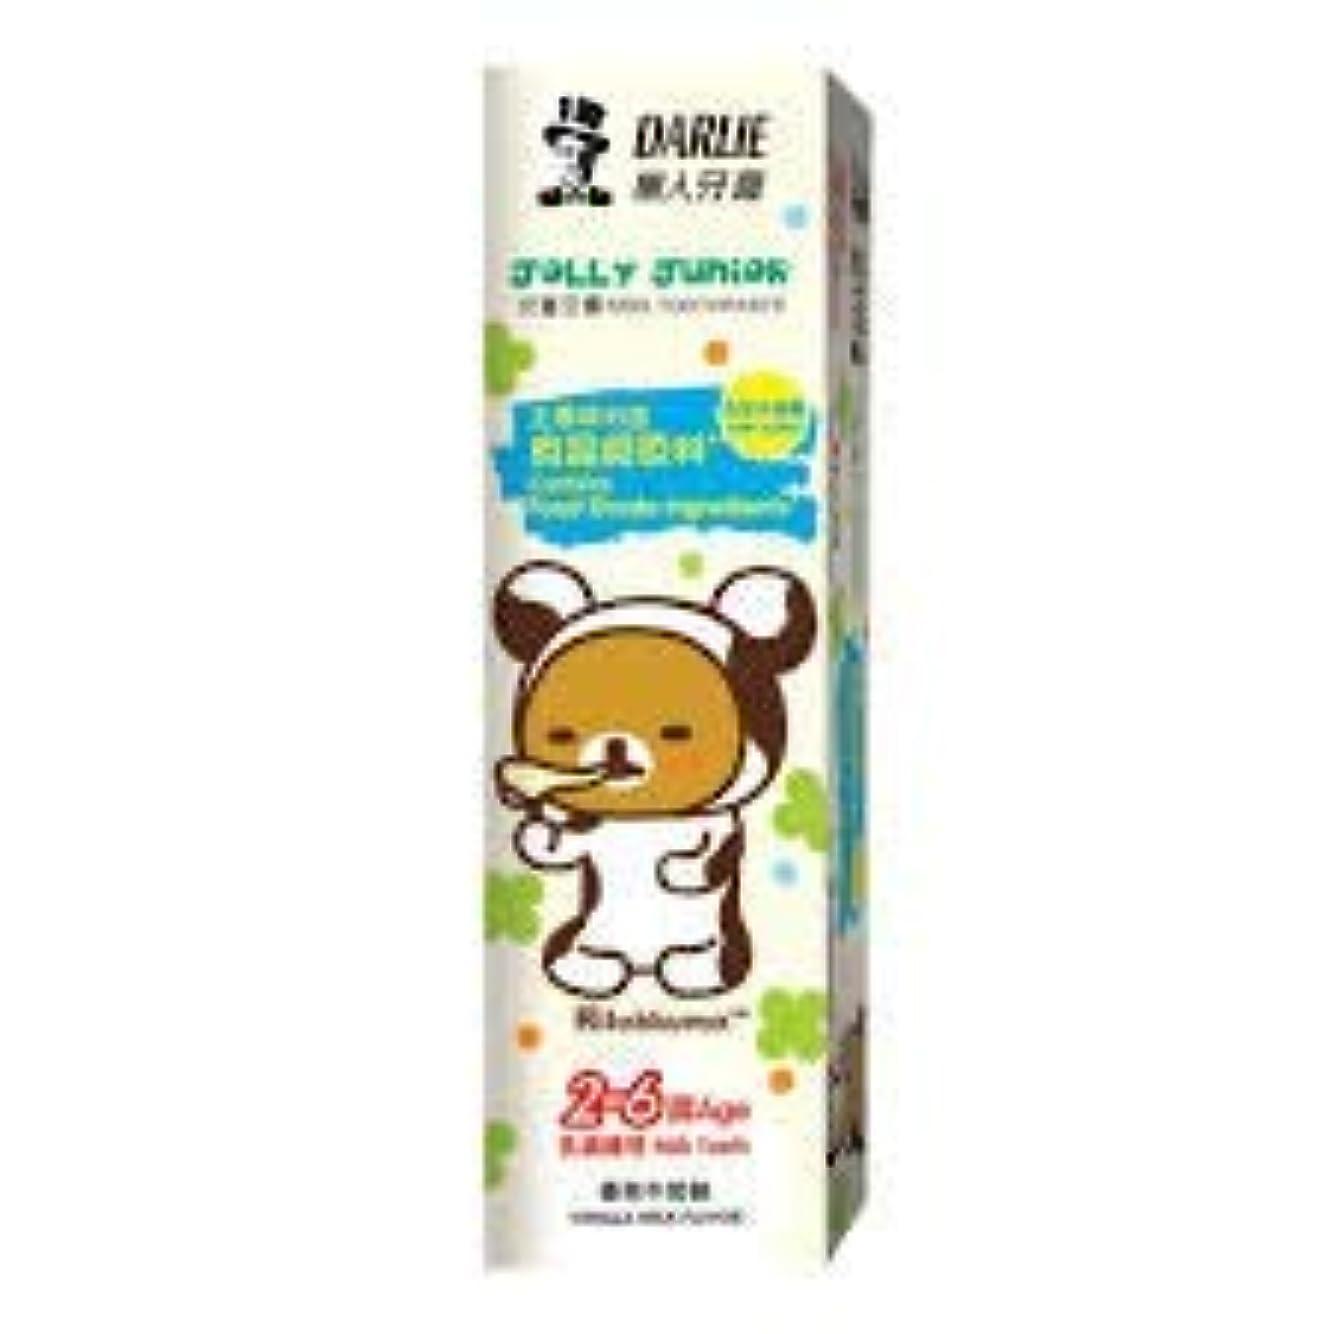 暴力的な恥ずかしさ大腿DARLIE ハッピーティーンエイジャーの歯磨き粉2-6歳歯磨き粉60グラムバニラミルクは - 虫歯を防ぐためにキシリトールを含む、ミルクの歯と準備して子供たちに仕出し料理されます